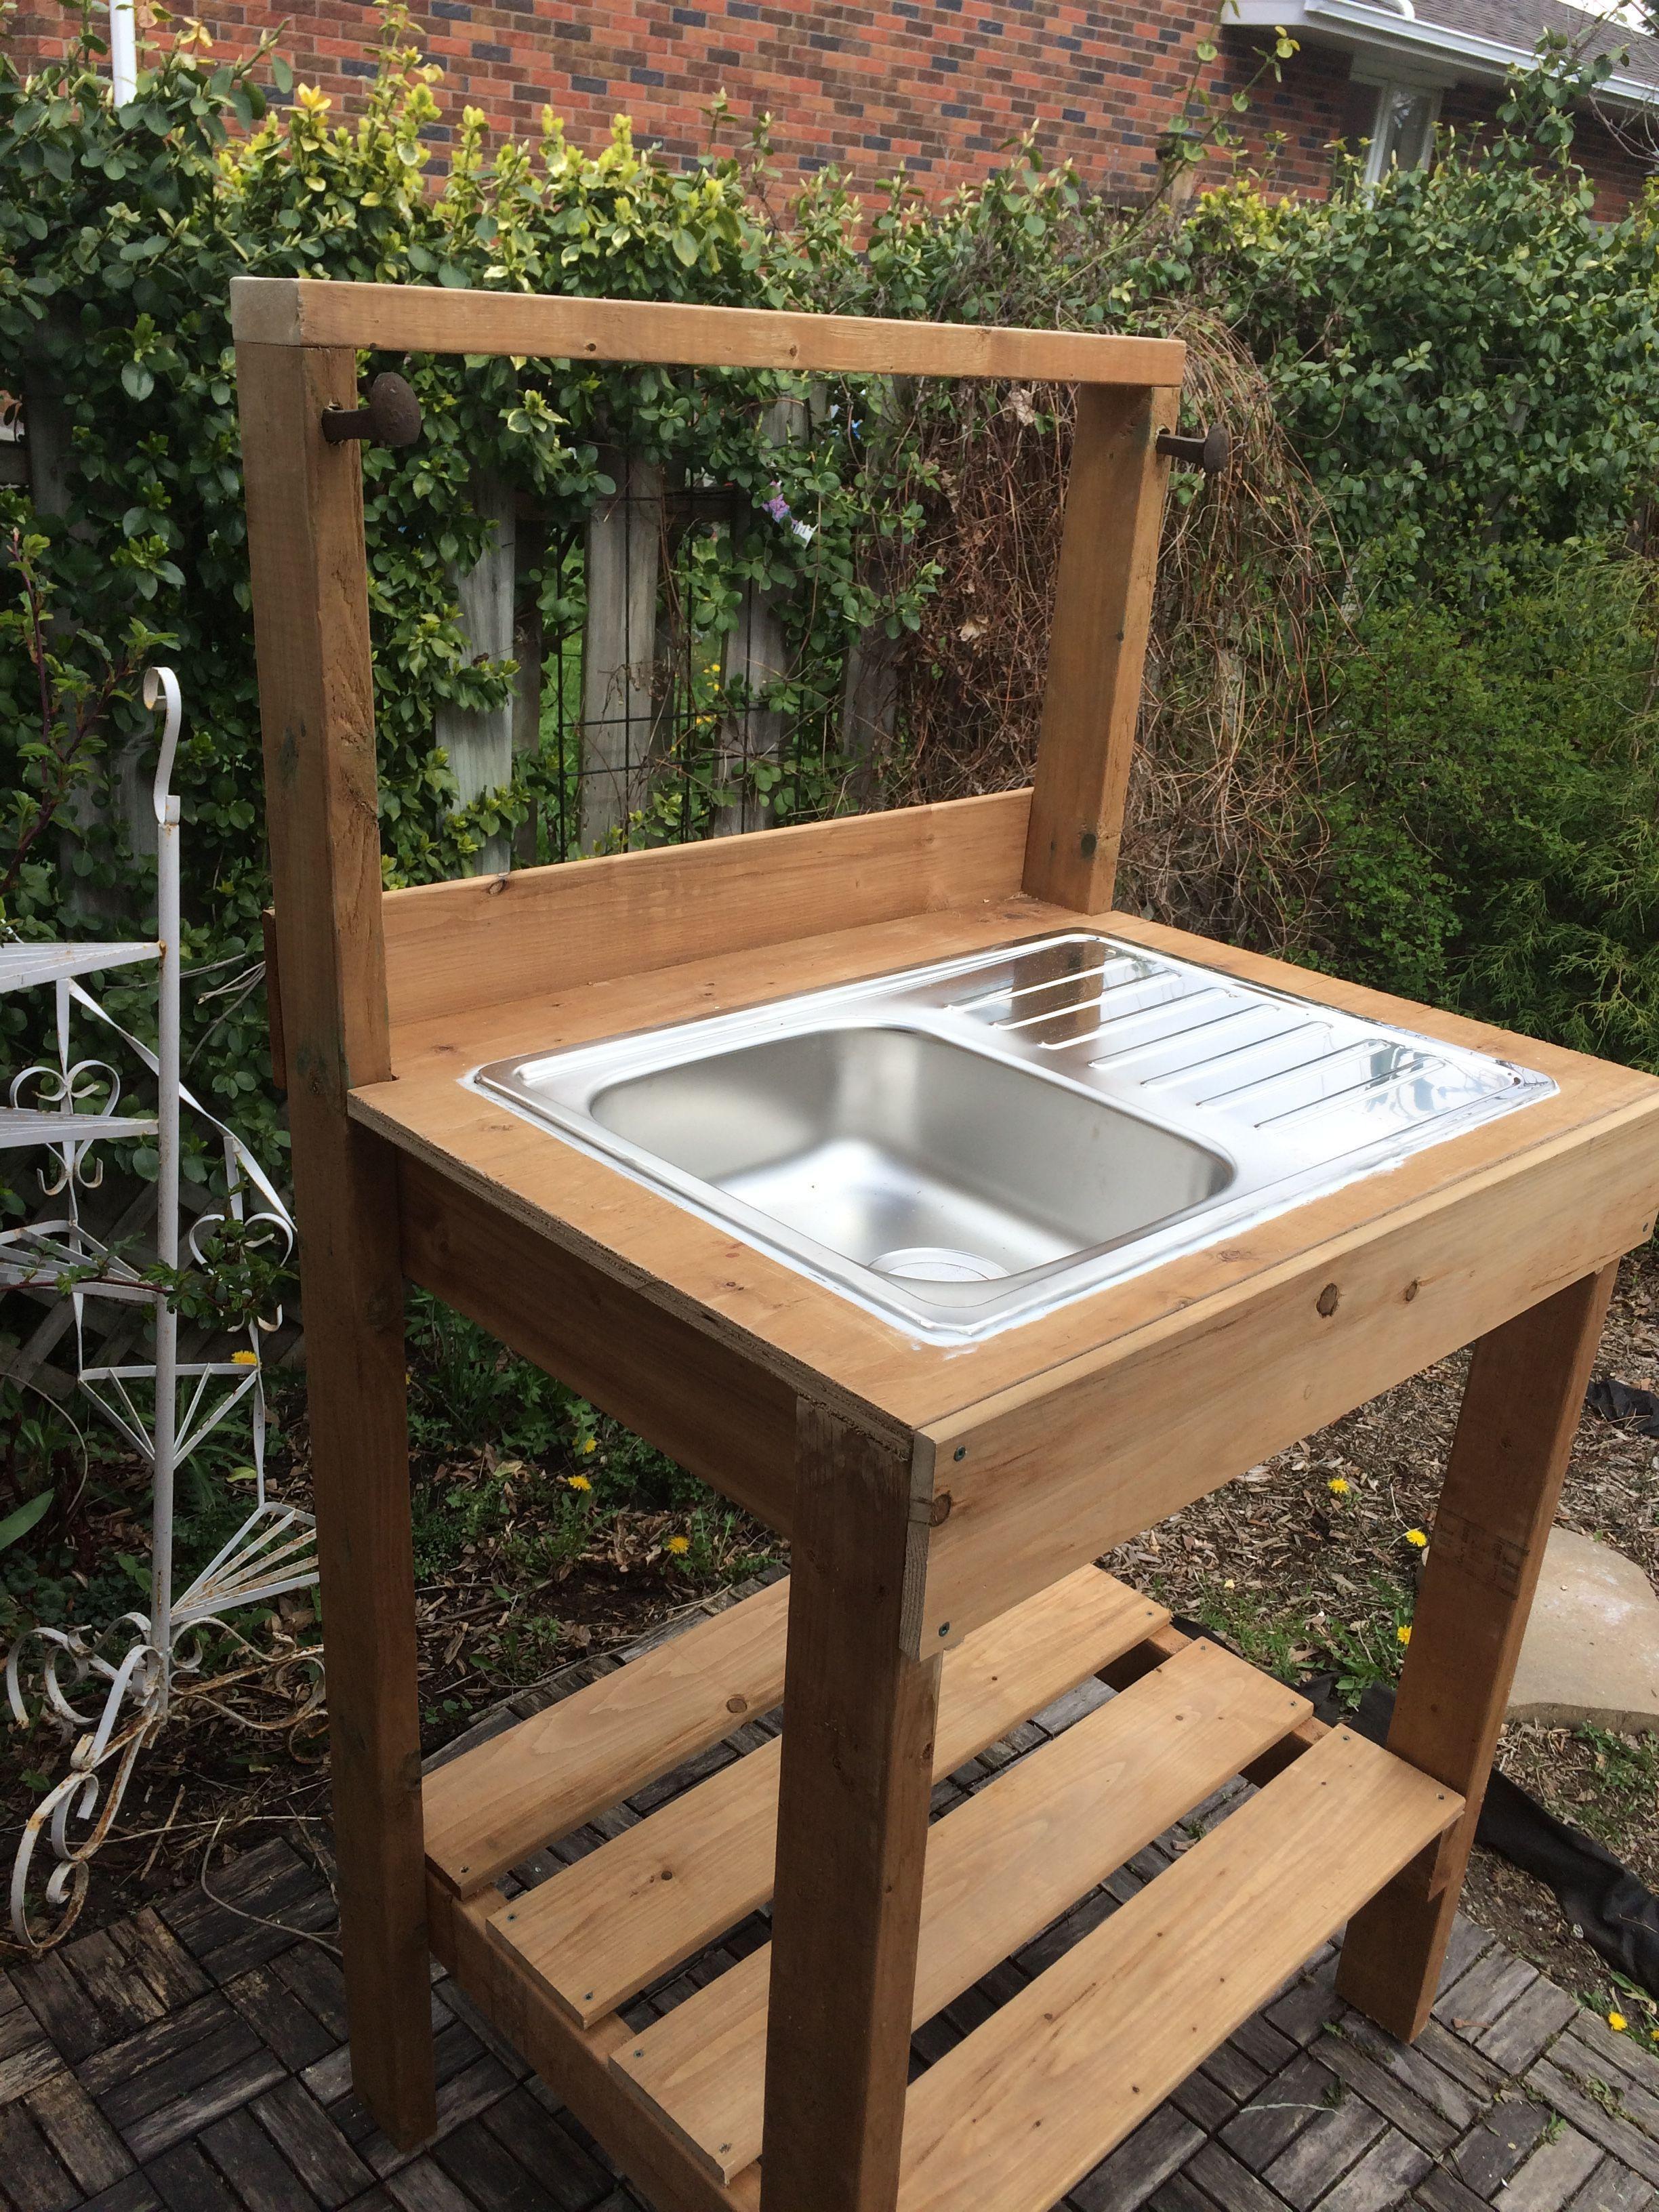 Diy Garden Kitchen Google Suche Waschbecken Garten Gartenwaschbecken Waschbecken Design